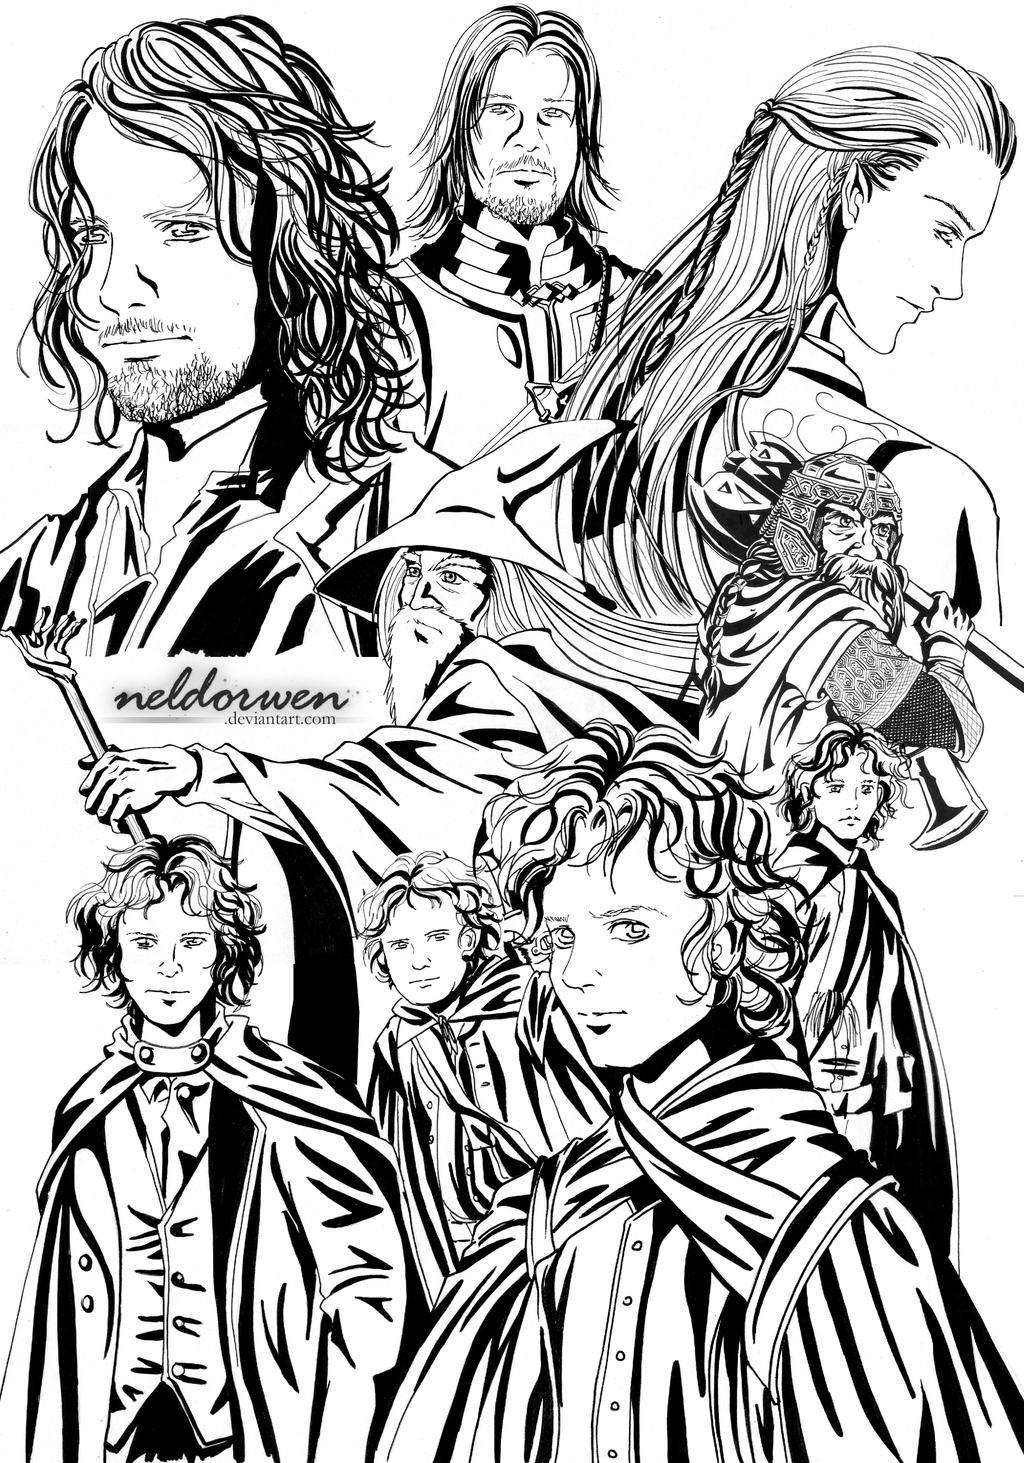 Bonito Dibujos De Lord Of The Rings Embellecimiento - Enmarcado Para ...